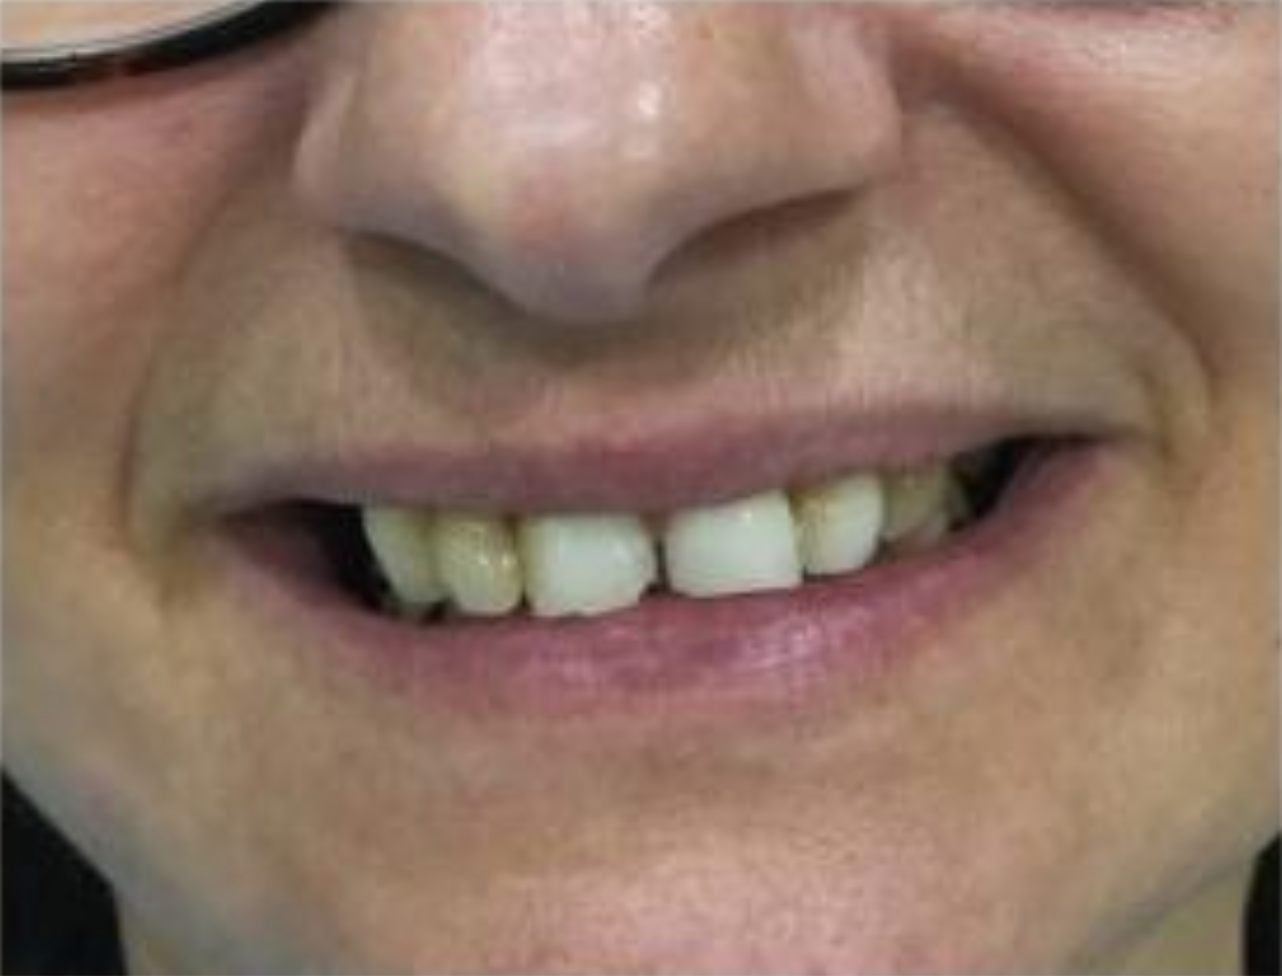 Recuperar la funcion masticatoria posterior y la estetica dental antes